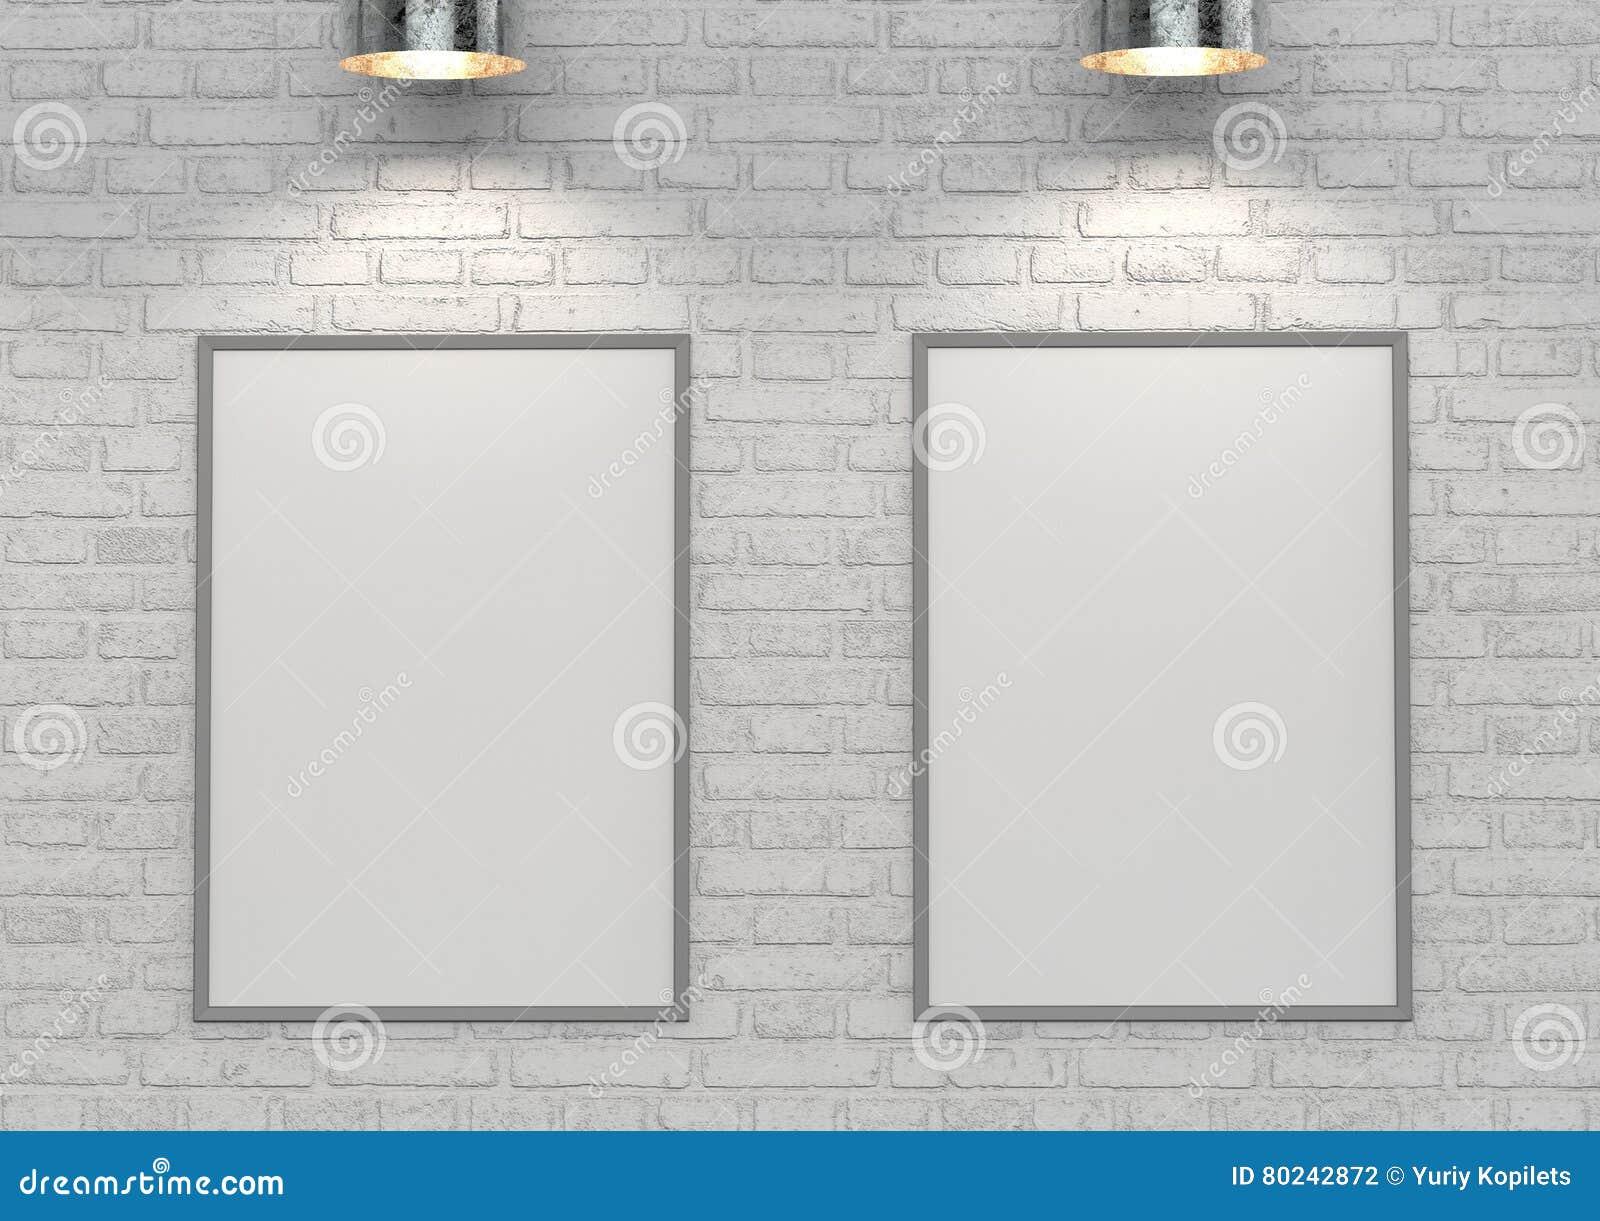 Imite encima de los carteles en la pared de ladrillo blanca con la lámpara ilustración 3D